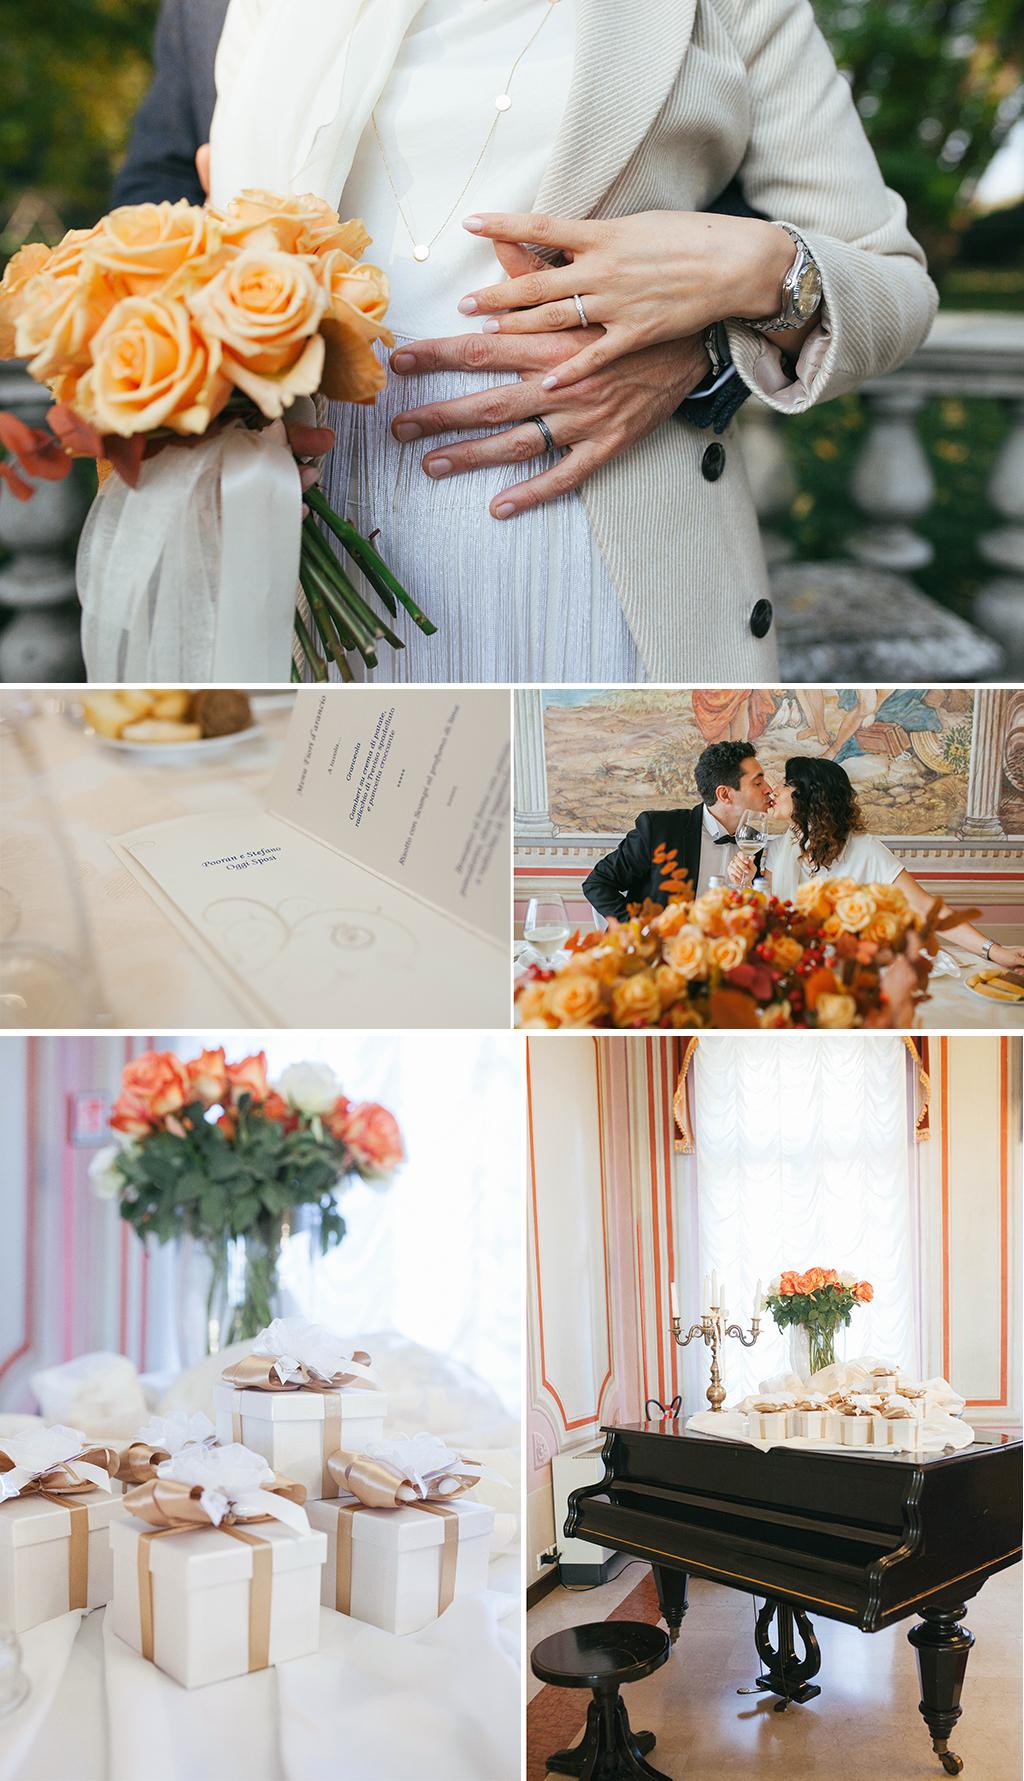 matrimonio villa revedin gorgo al monticano oderzo treviso Deborah Brugnera fotografa matrimonio civile italo arabo dolce attesa ricevimento pranzo